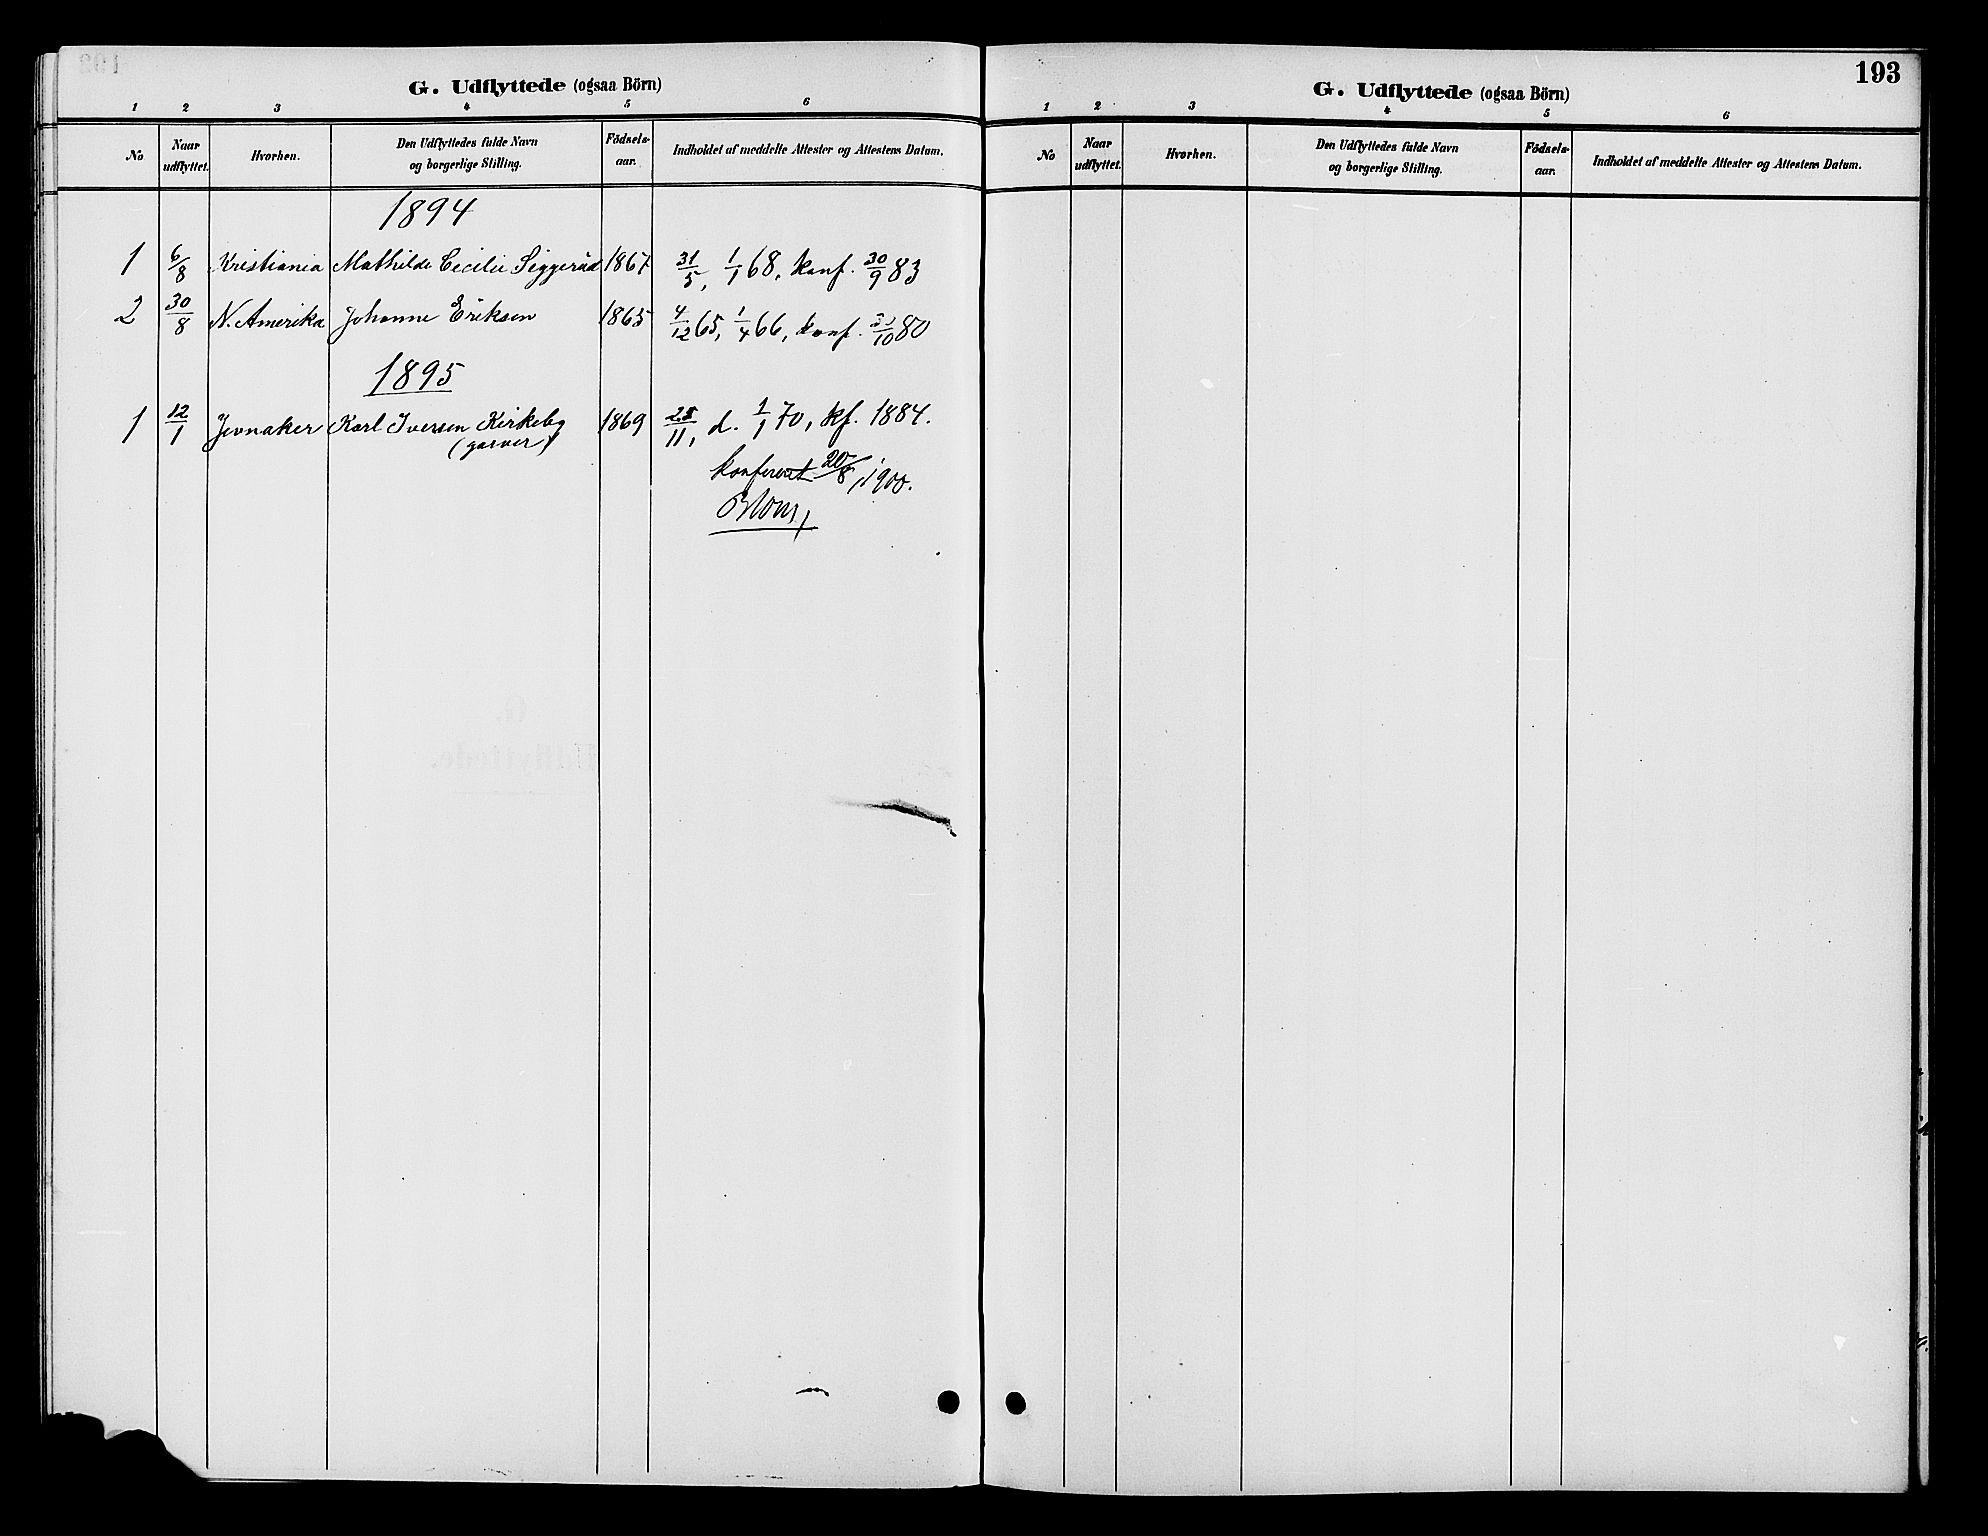 SAH, Vardal prestekontor, H/Ha/Hab/L0009: Parish register (copy) no. 9, 1894-1902, p. 193